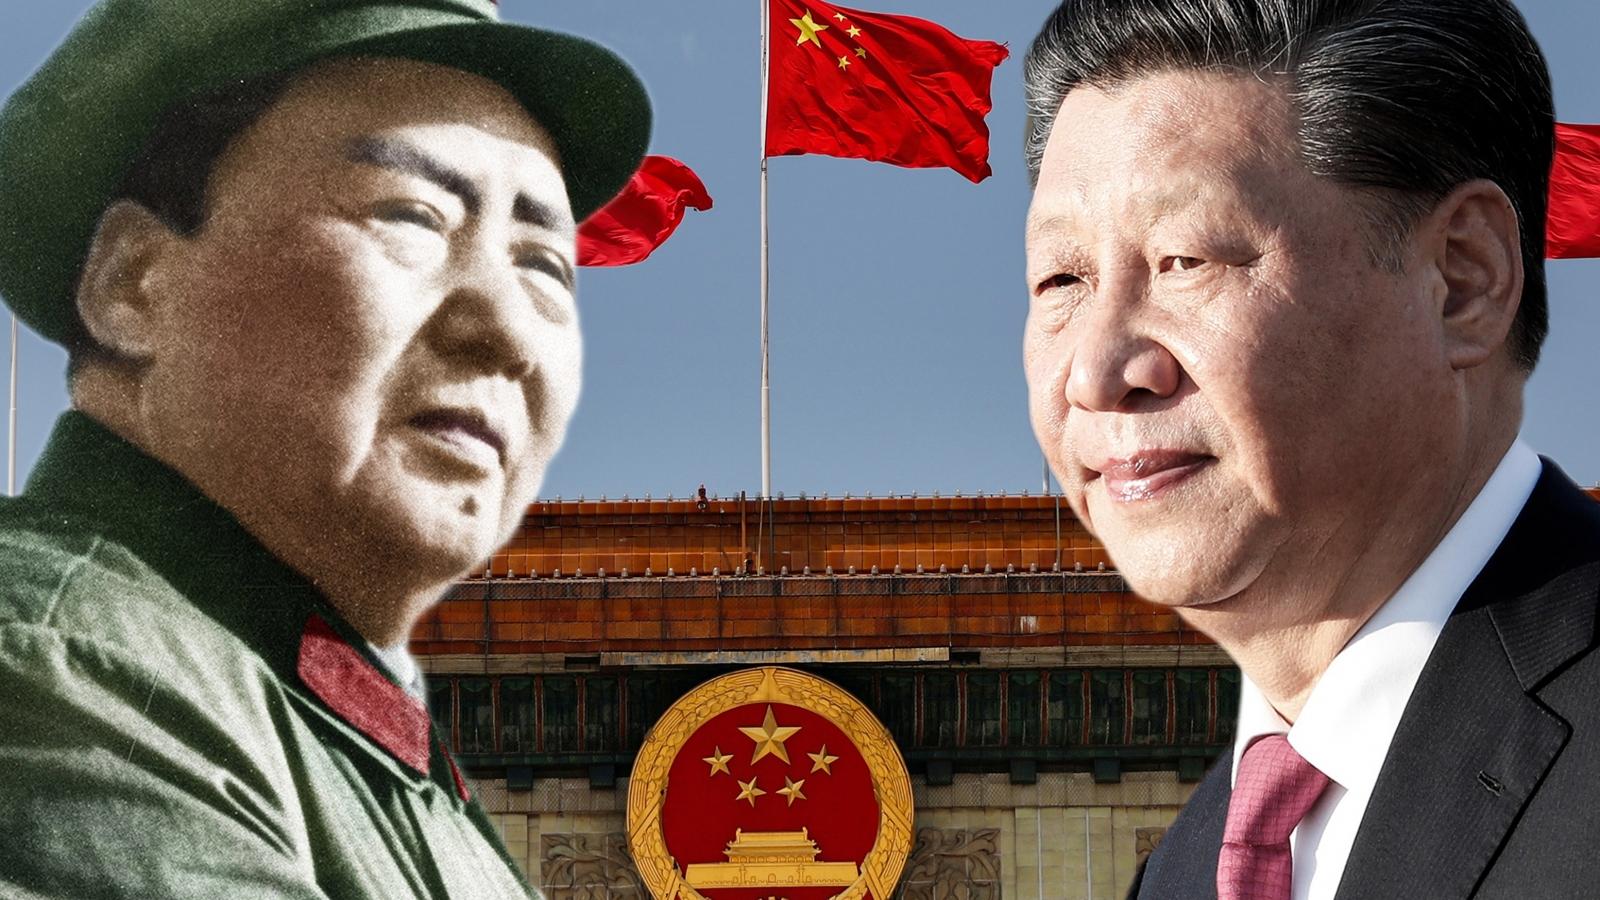 """""""Thiên hạ đại loạn"""", Trung Quốc hưởng lợi trong cuộc đối đầu với phương Tây?"""